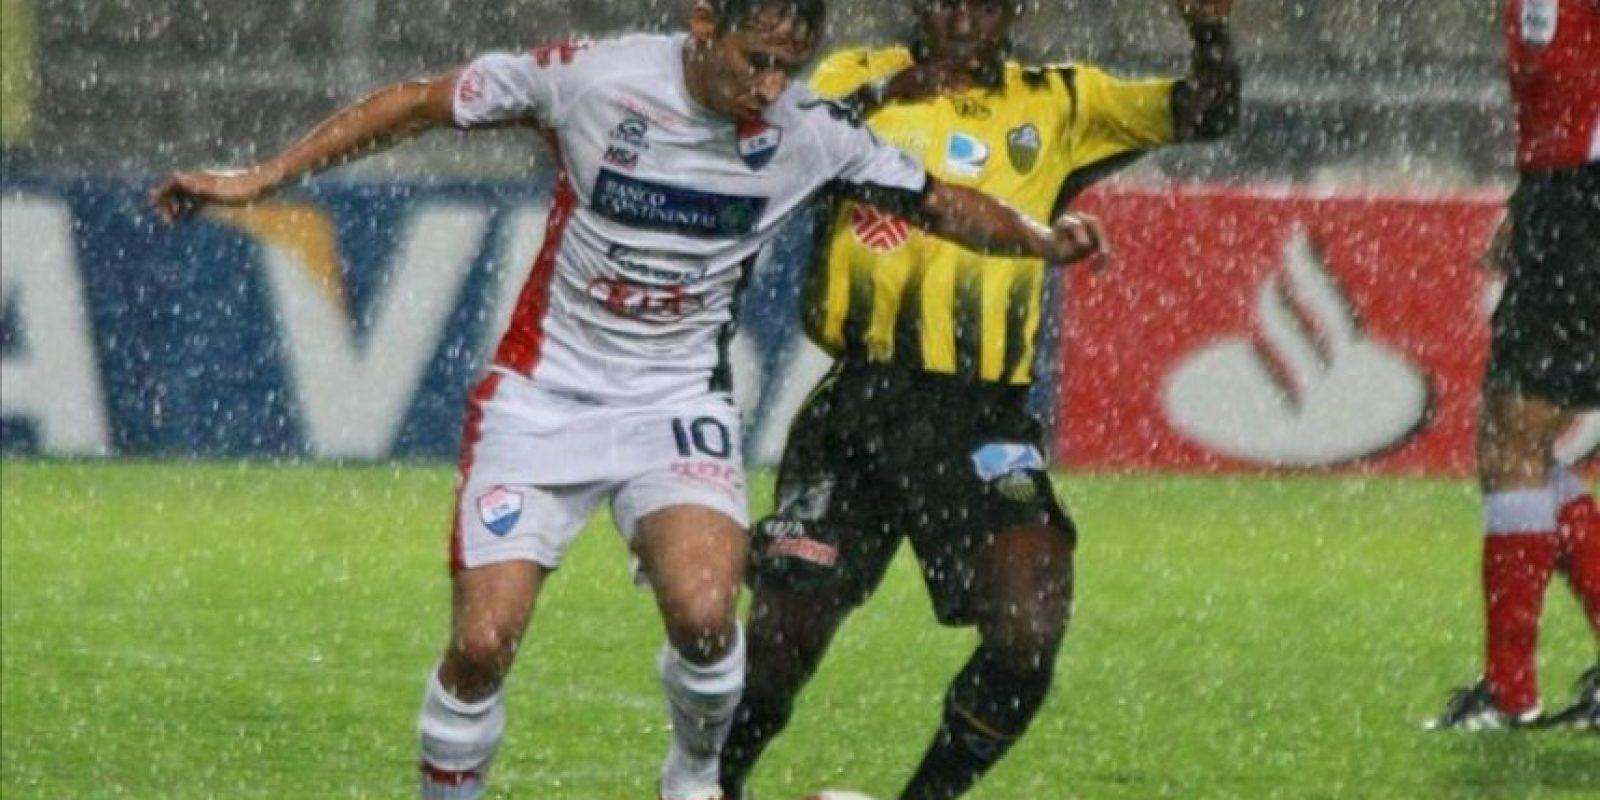 El jugador Gustavo Noguera (izq) del equipo Nacional de Paraguay, disputa el balón con Ángel Chourio del Deportivo Táchira de Venezuela, durante el partido de la Copa Libertadores en el estadio de Pueblo Nuevo en San Cristobal (Venezuela). EFE